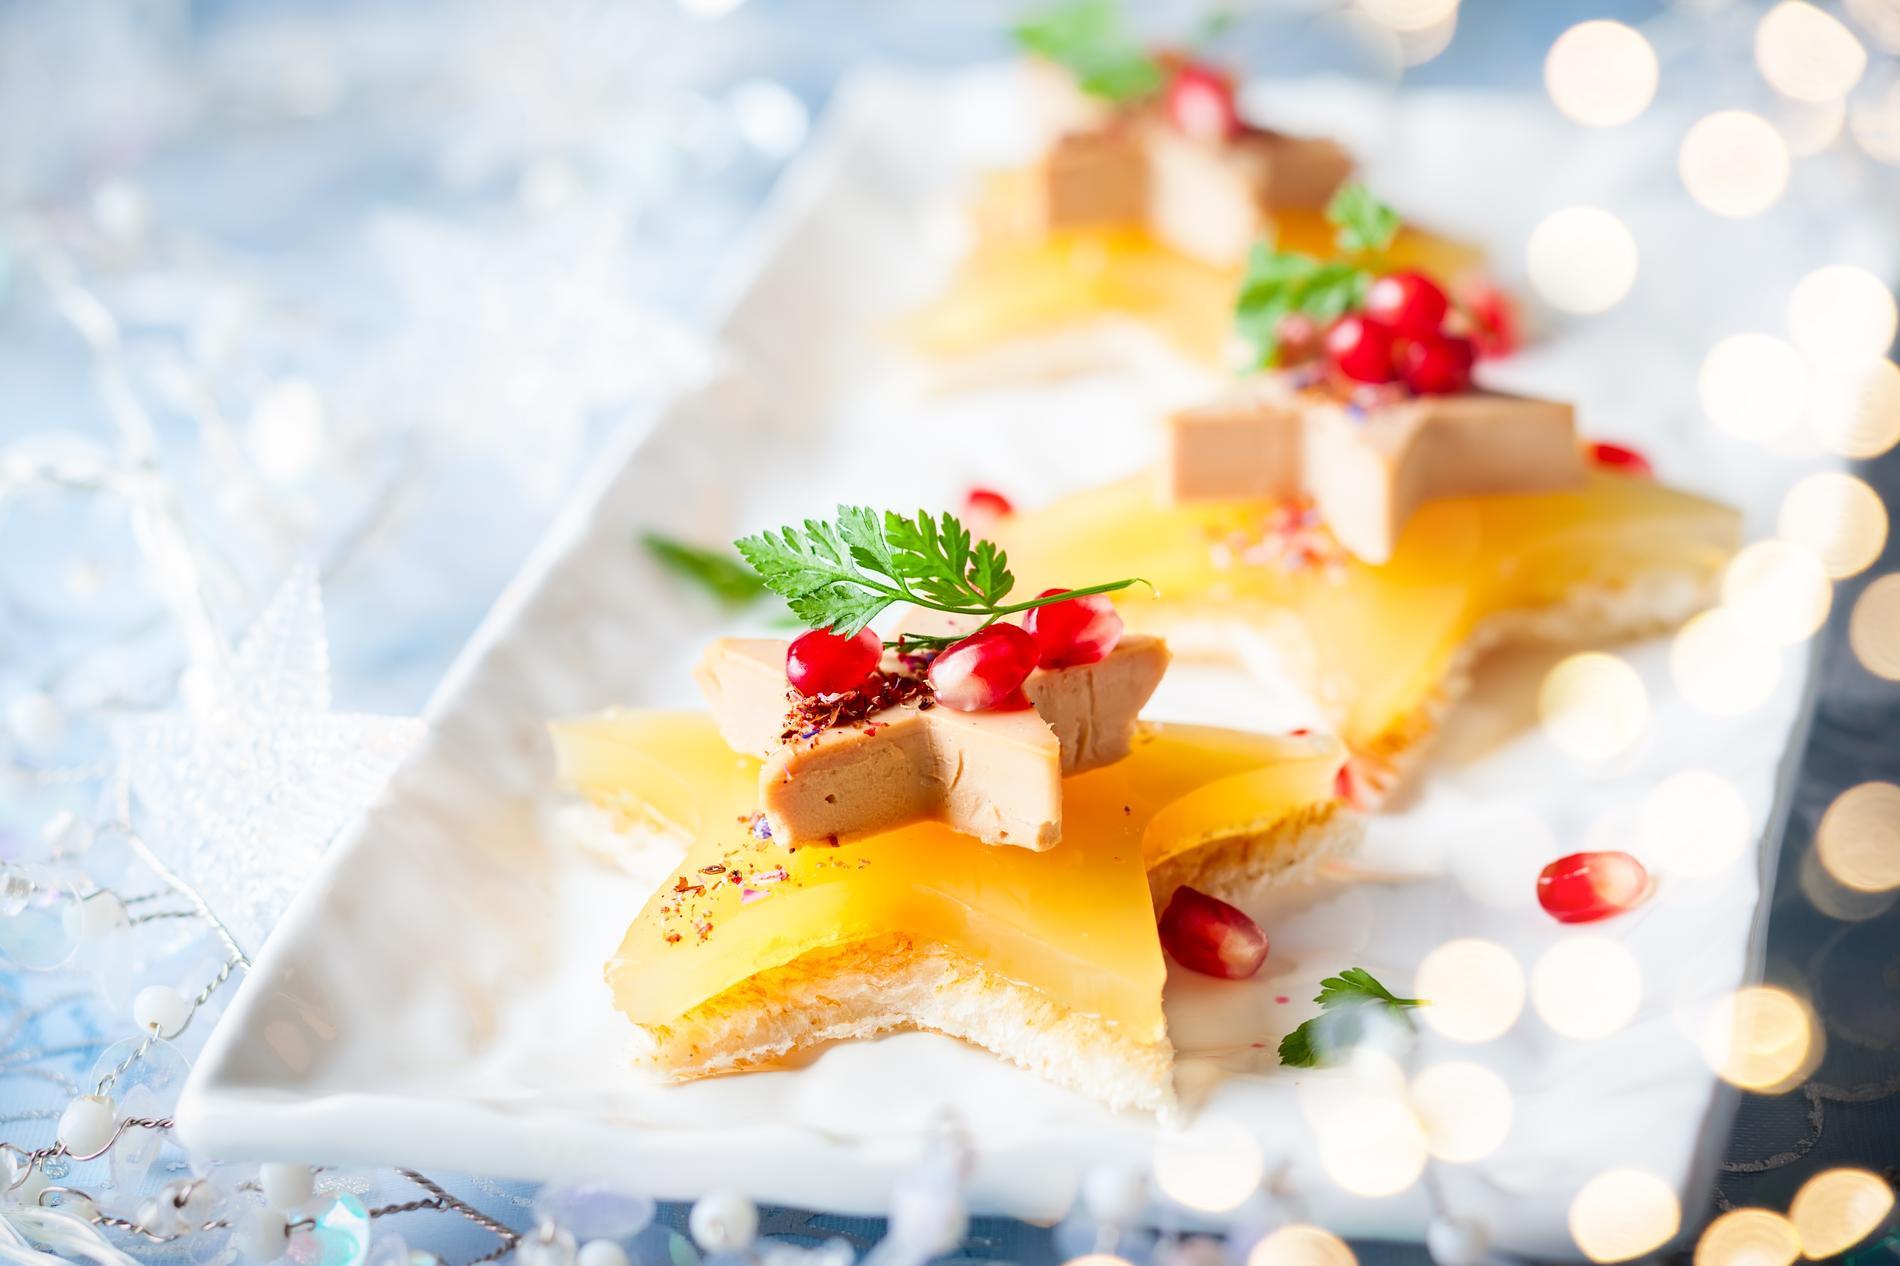 foie gras escargots saumon 15 recettes d 39 entr es chics. Black Bedroom Furniture Sets. Home Design Ideas